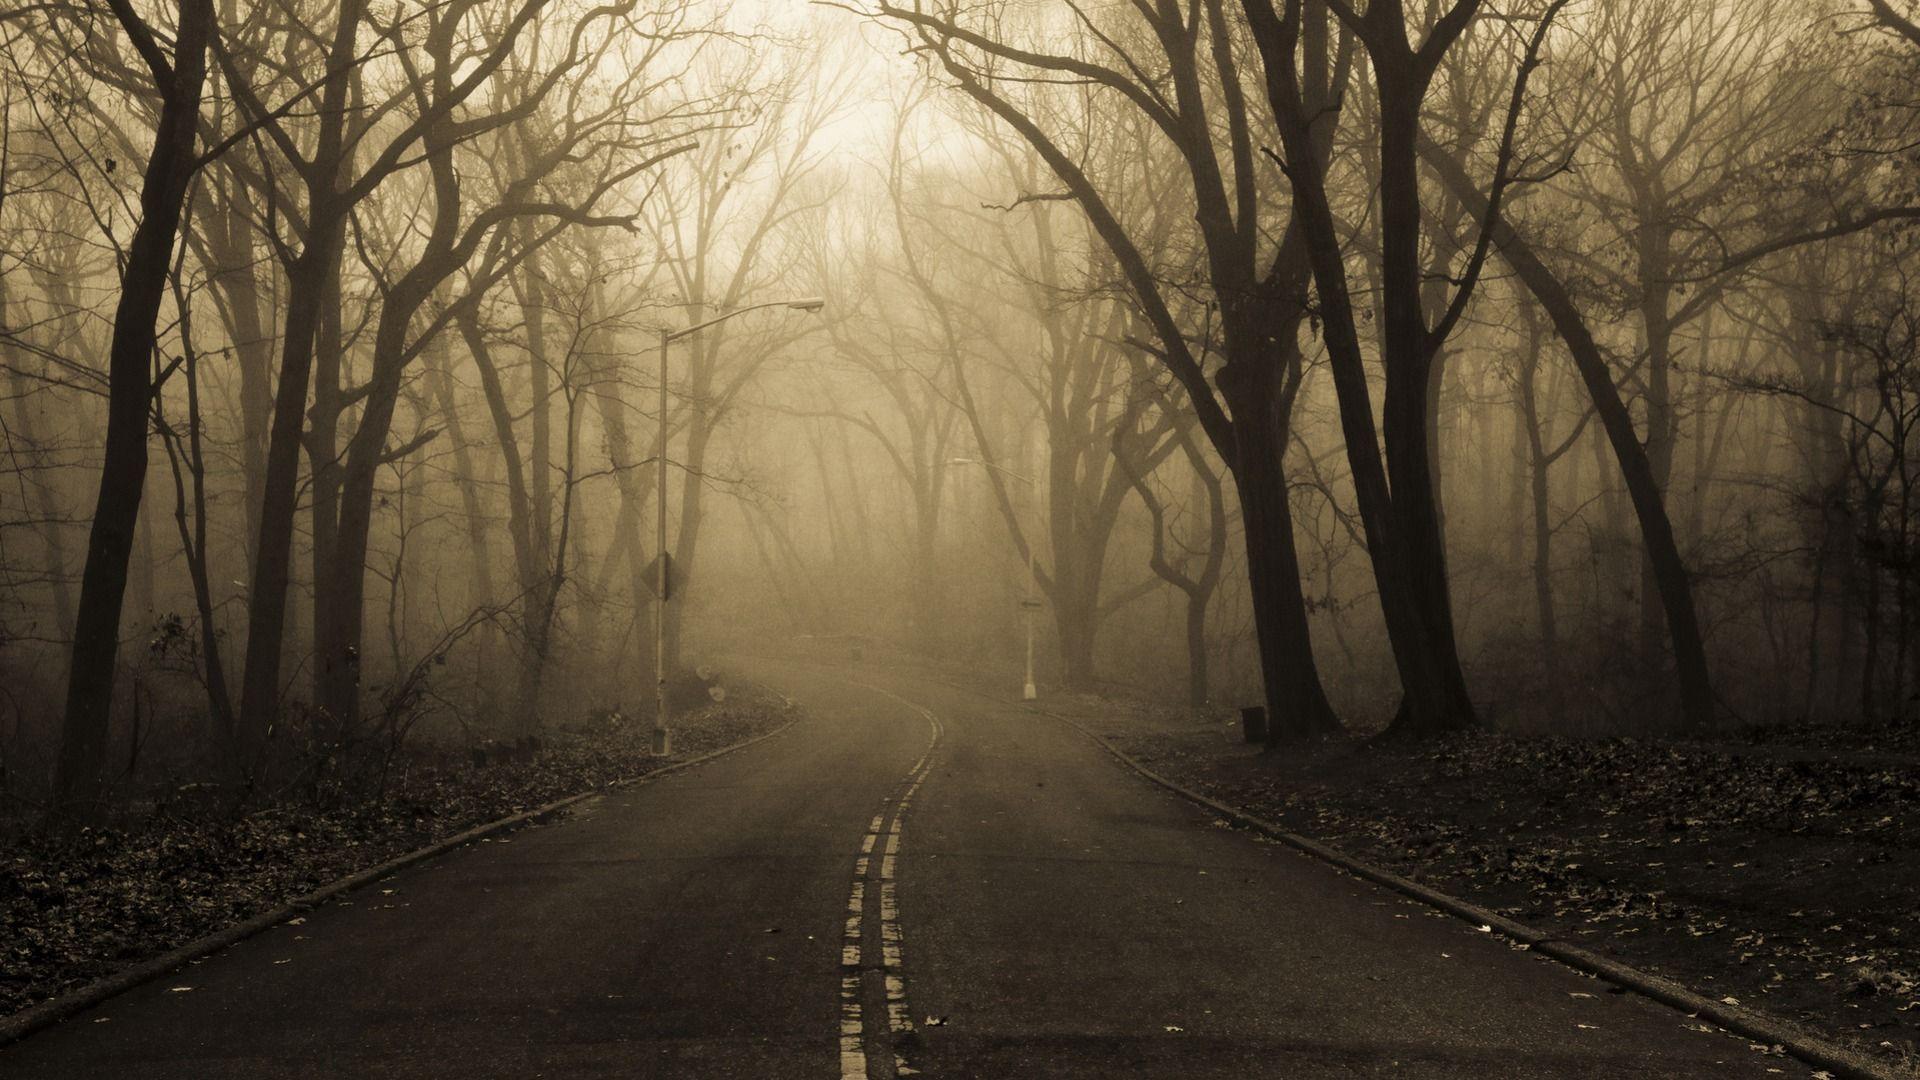 Empty Road HD Wallpaper | 1920x1080 | ID:40451